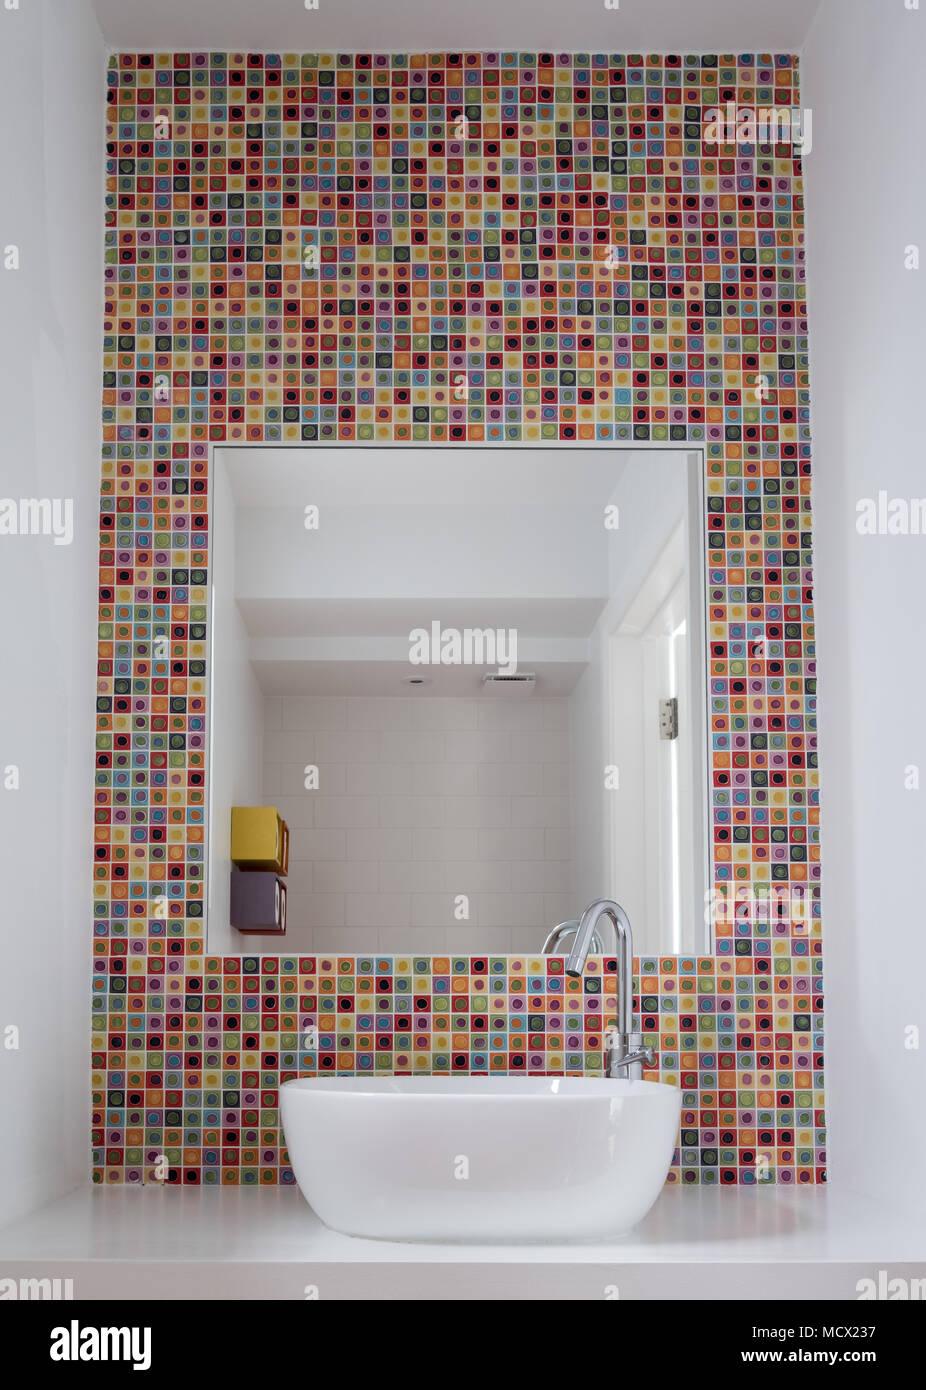 Badezimmer Waschbecken mit bunten Glas Mosaik Fliesen und Spiegel ...